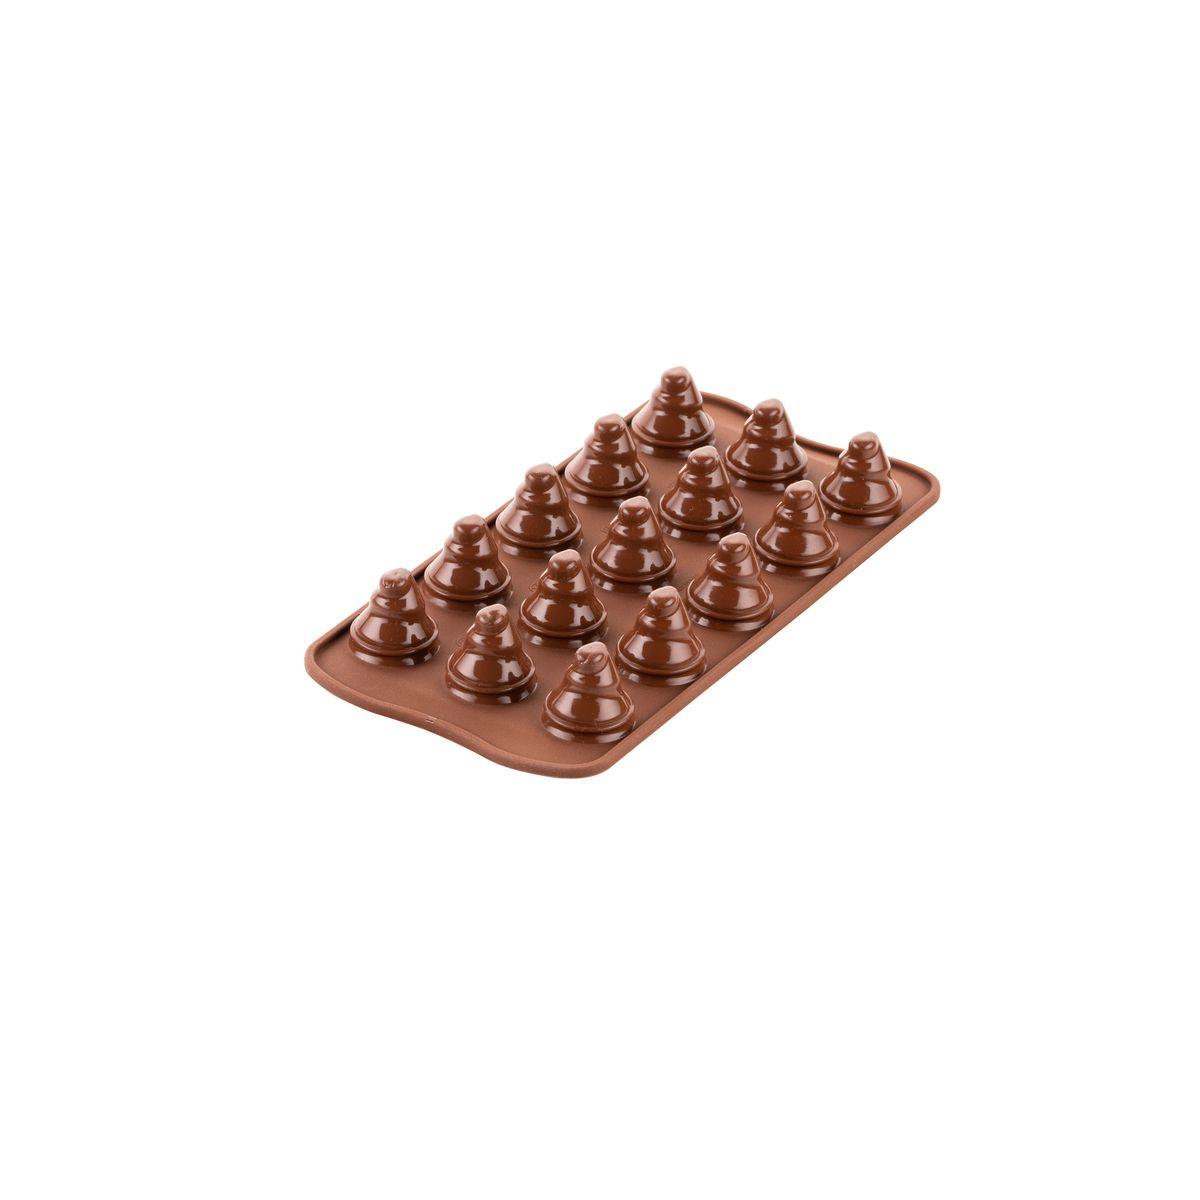 Moule à chocolat en silicone mini sapins de Noël 11 x 21 cm - Silikomart